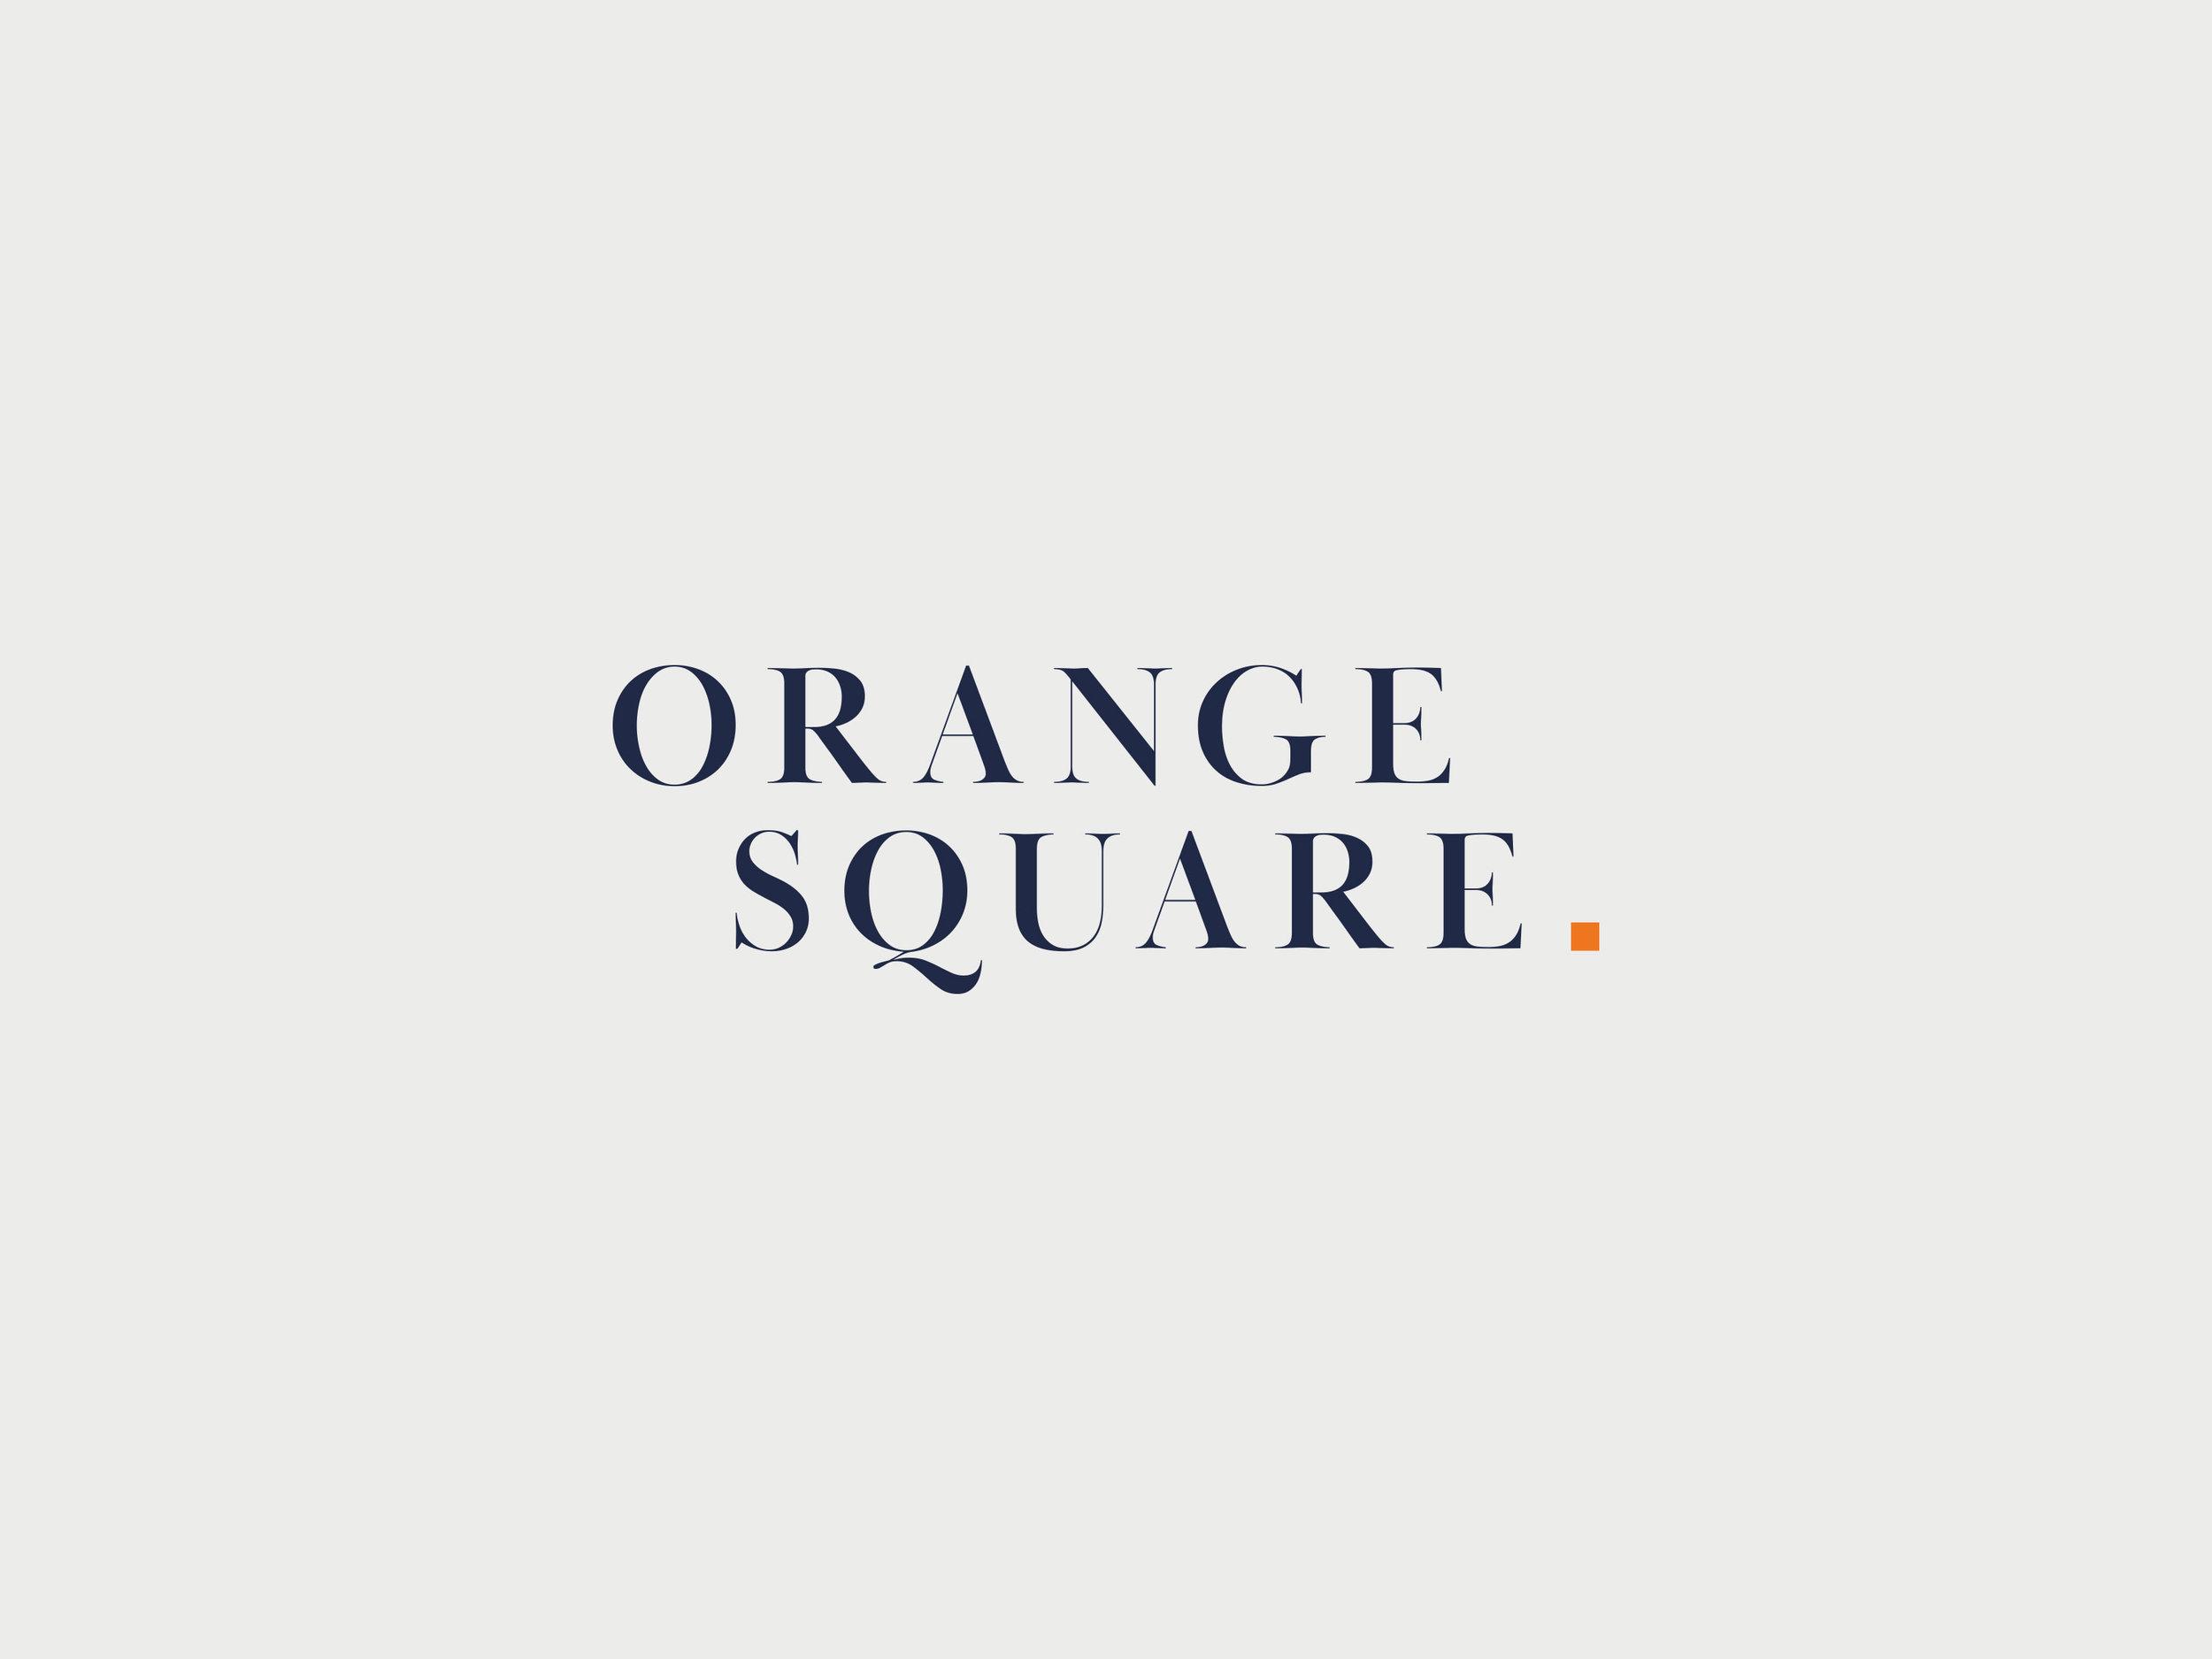 Orange-Square-1.jpg